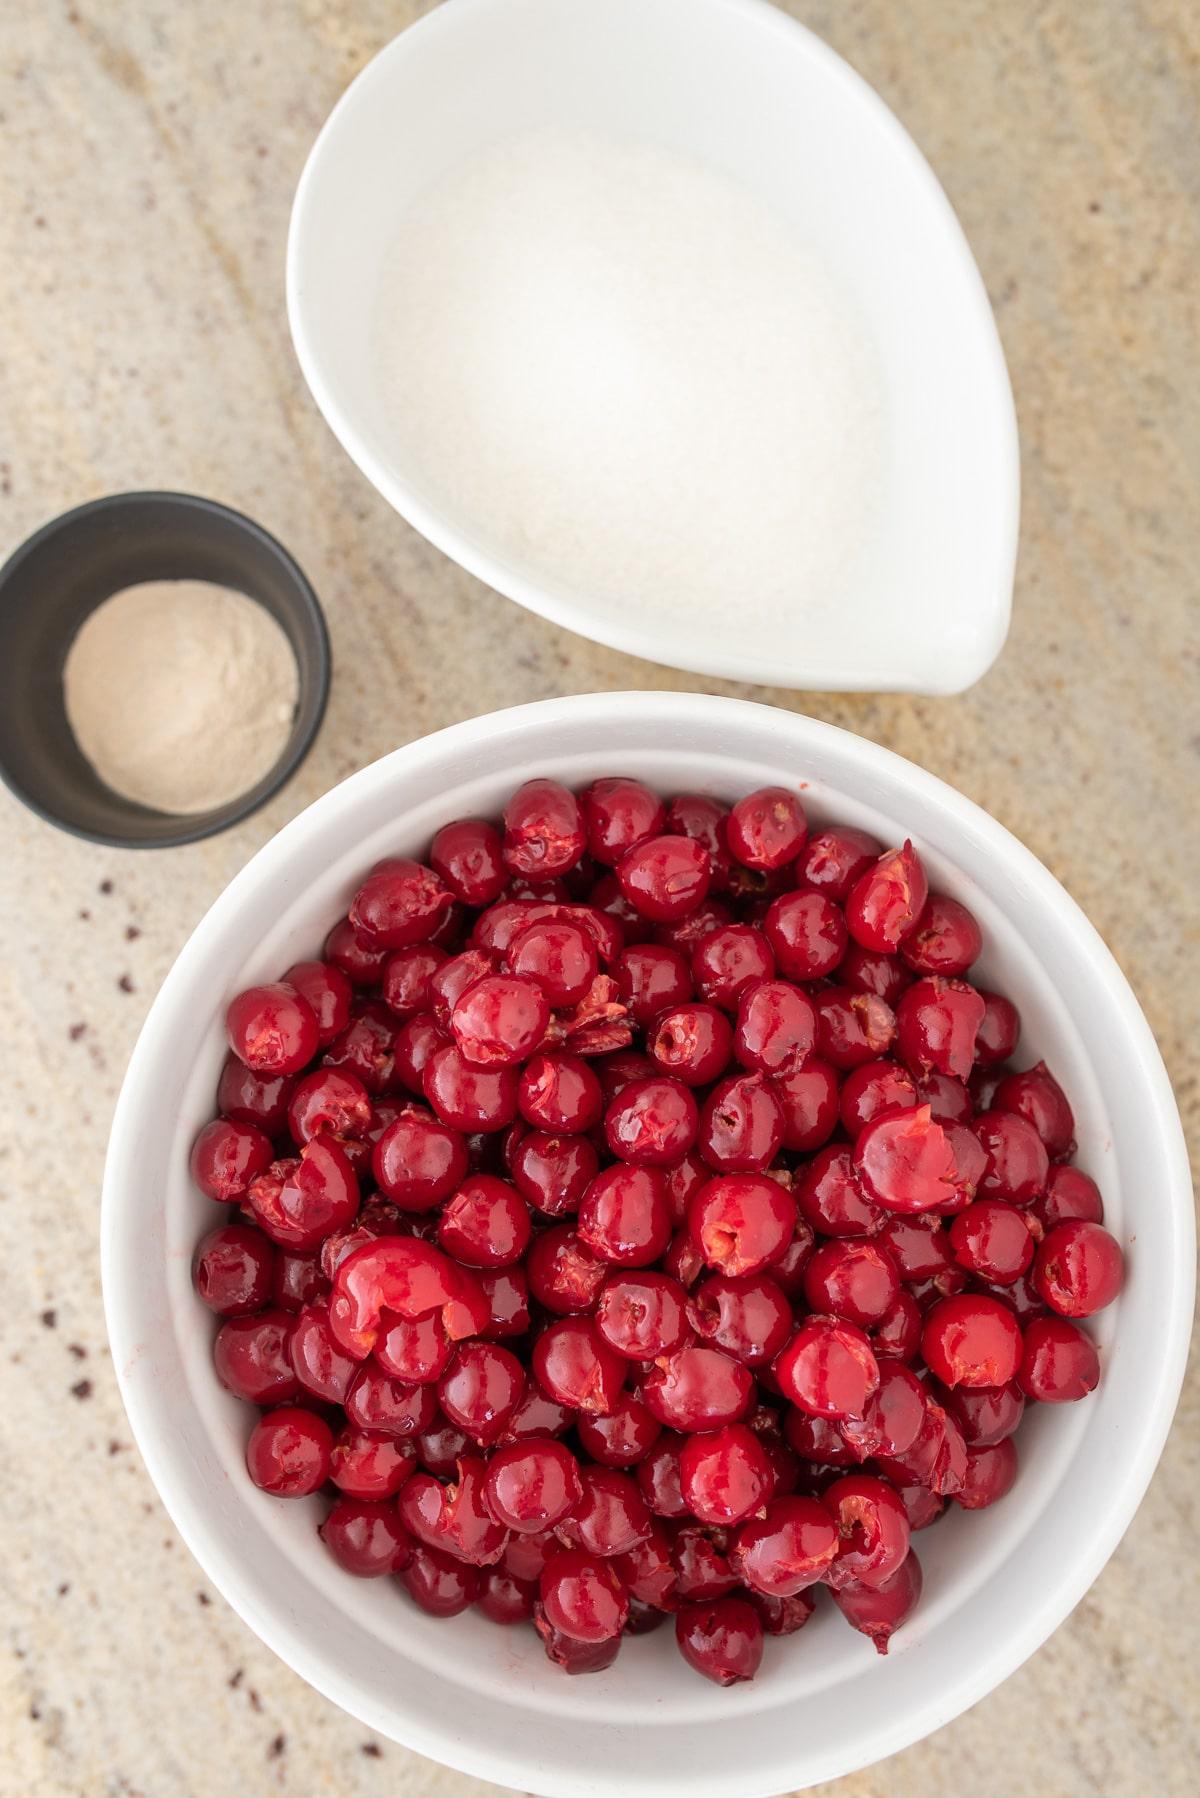 wydrylowane wiśnie w białej misce obok cukier i pektyna